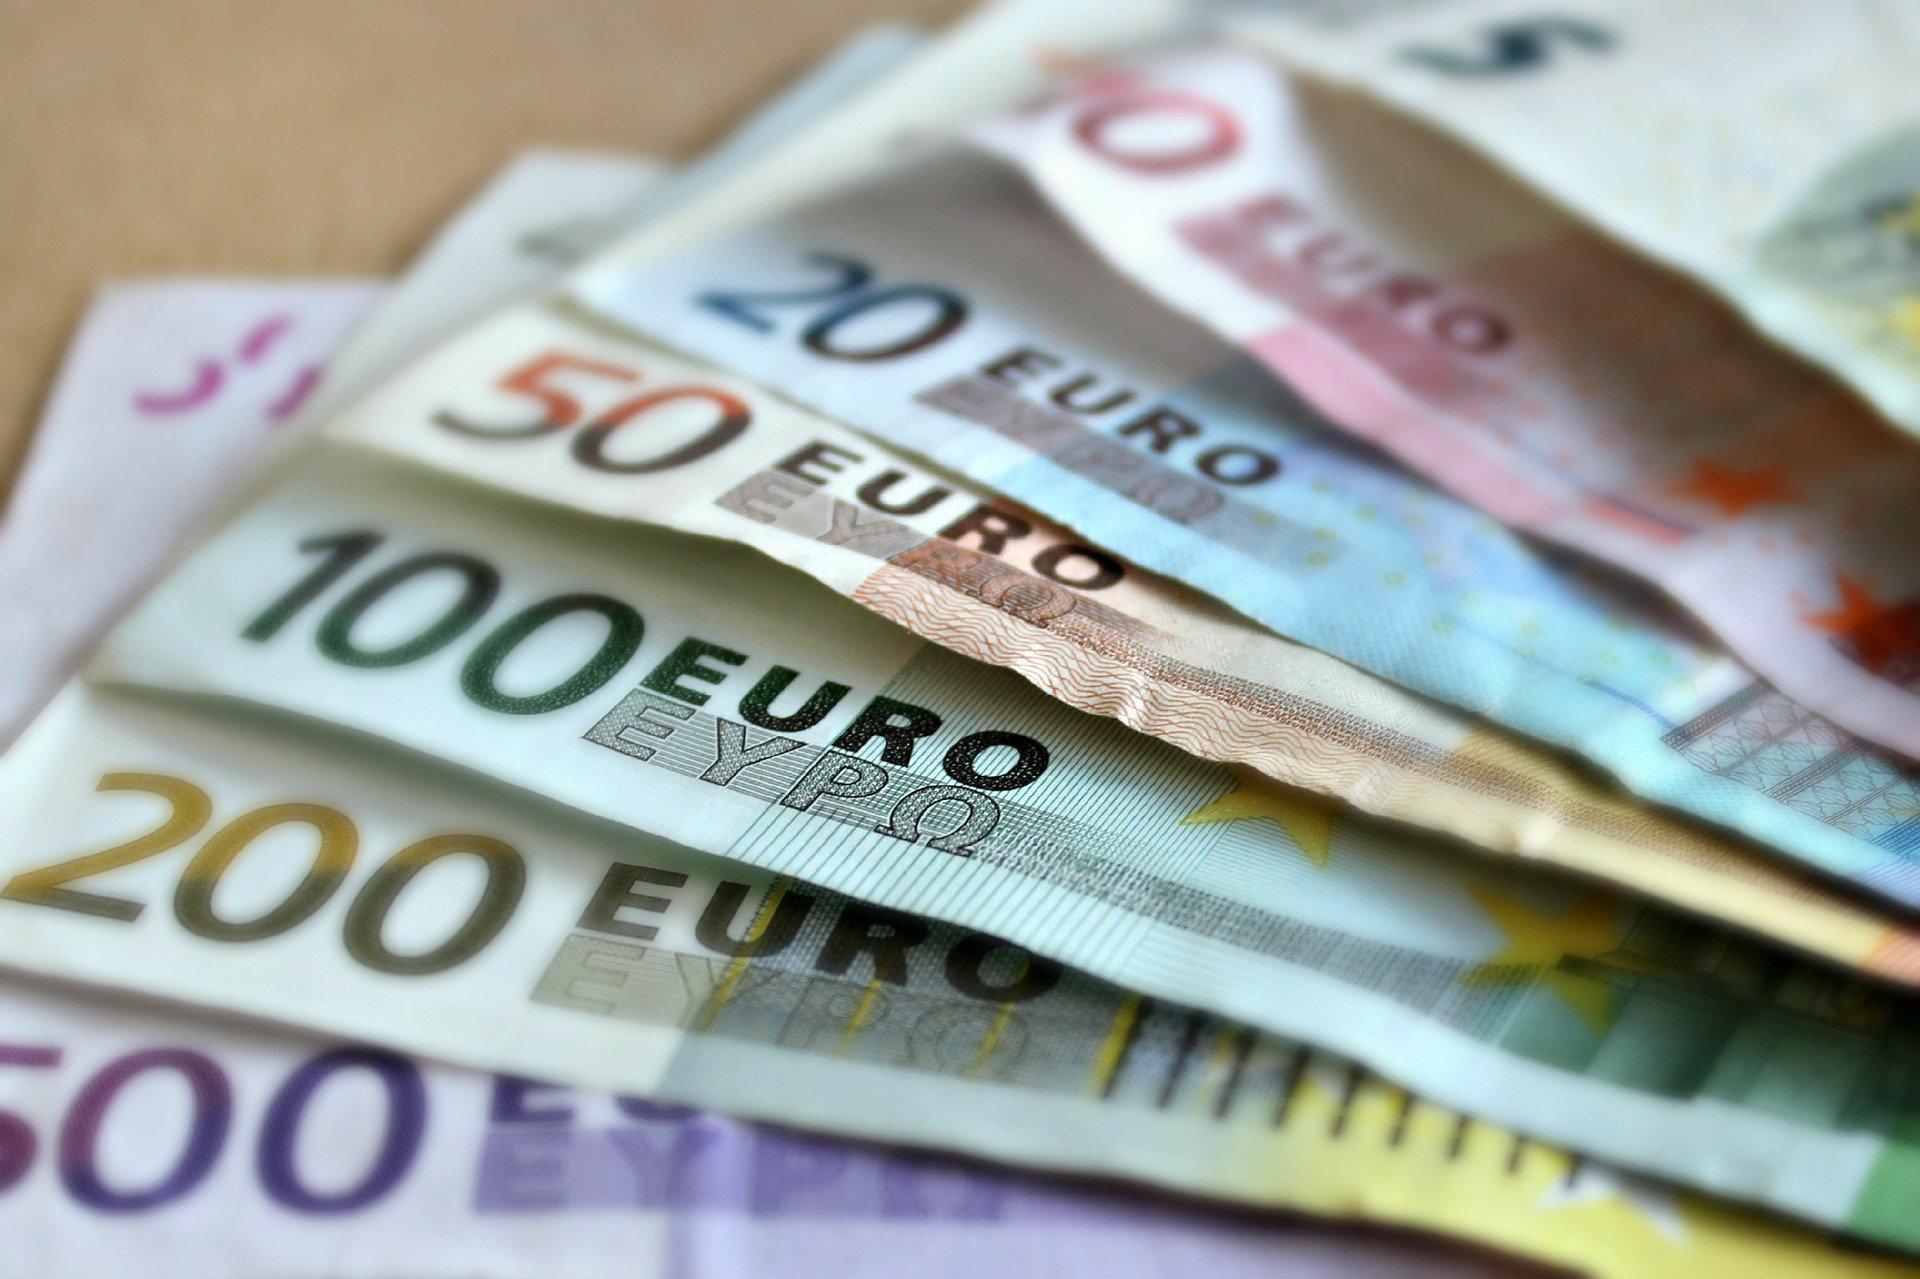 Vanaf 1 juni € 200 miljoen voor extra MKB-kredieten